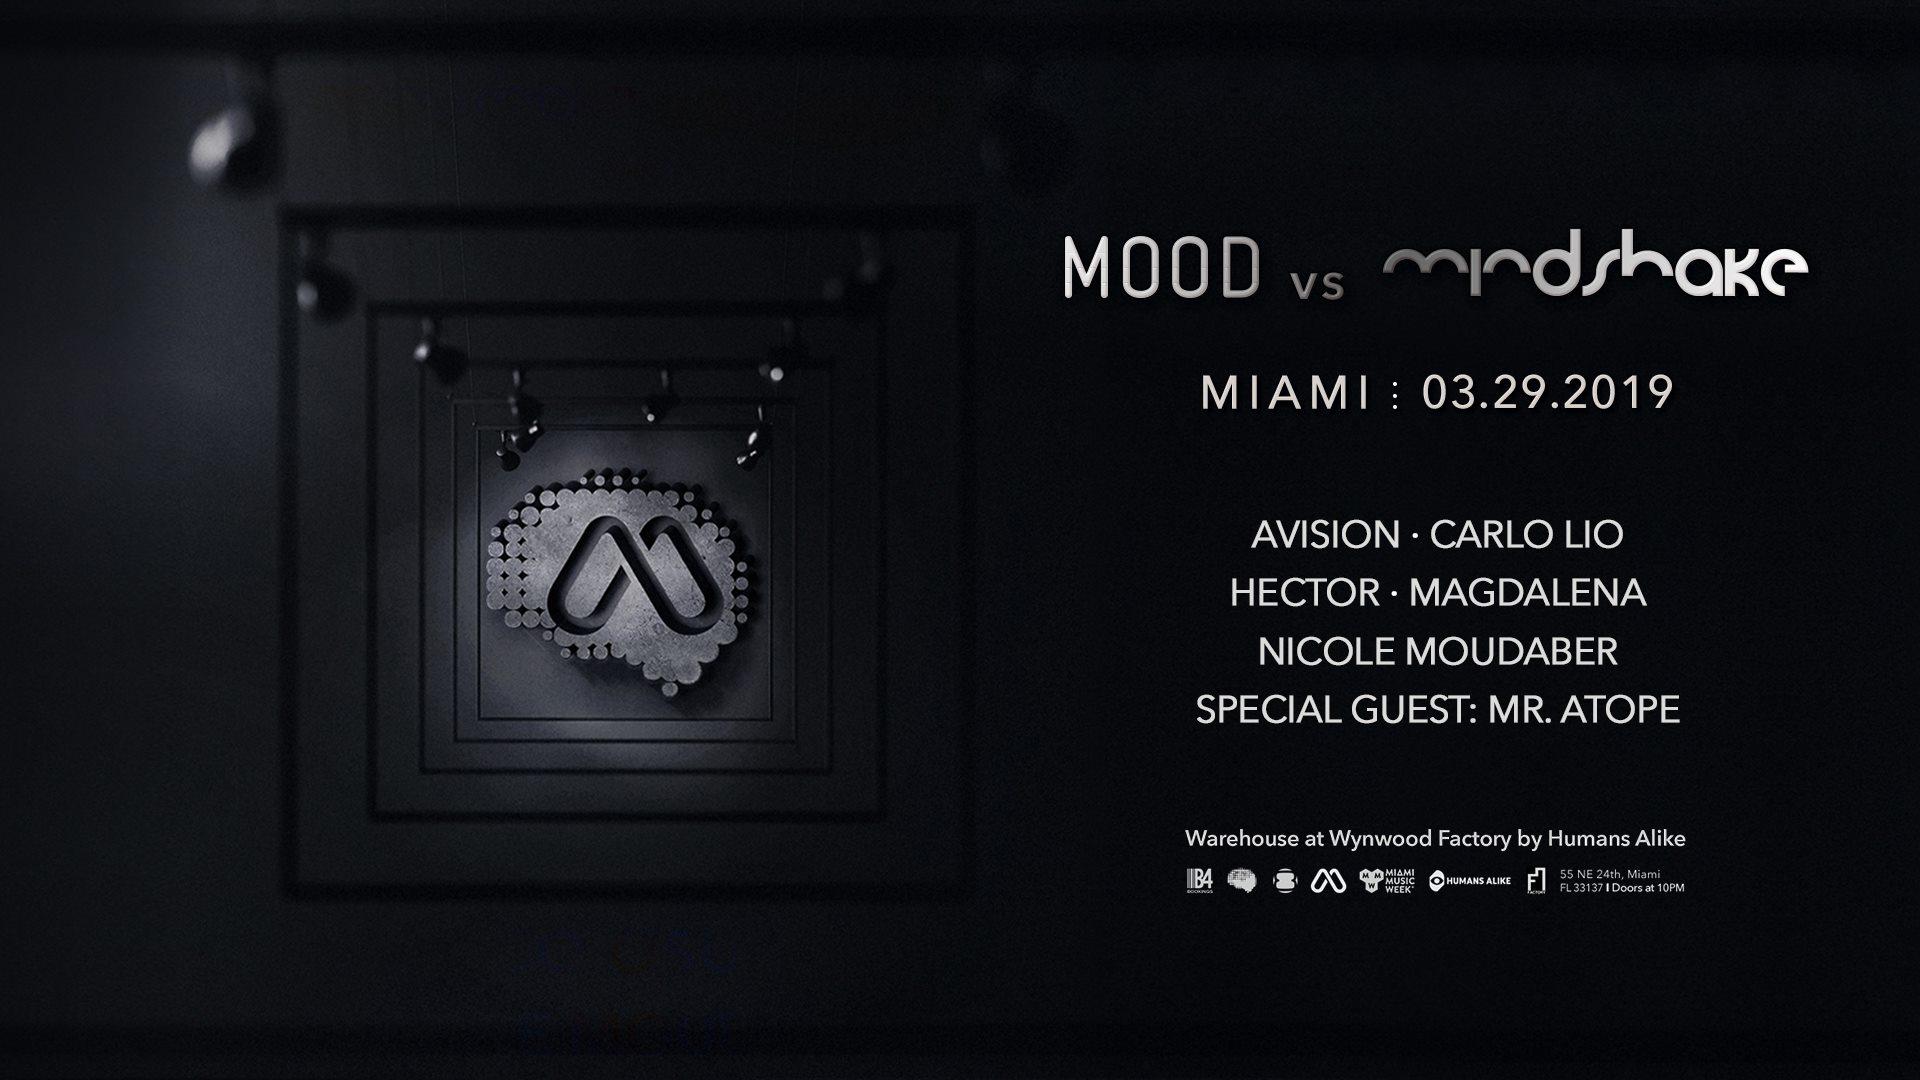 03.29.2019 Mood vs. Mindshake MMW FB Cover.jpg